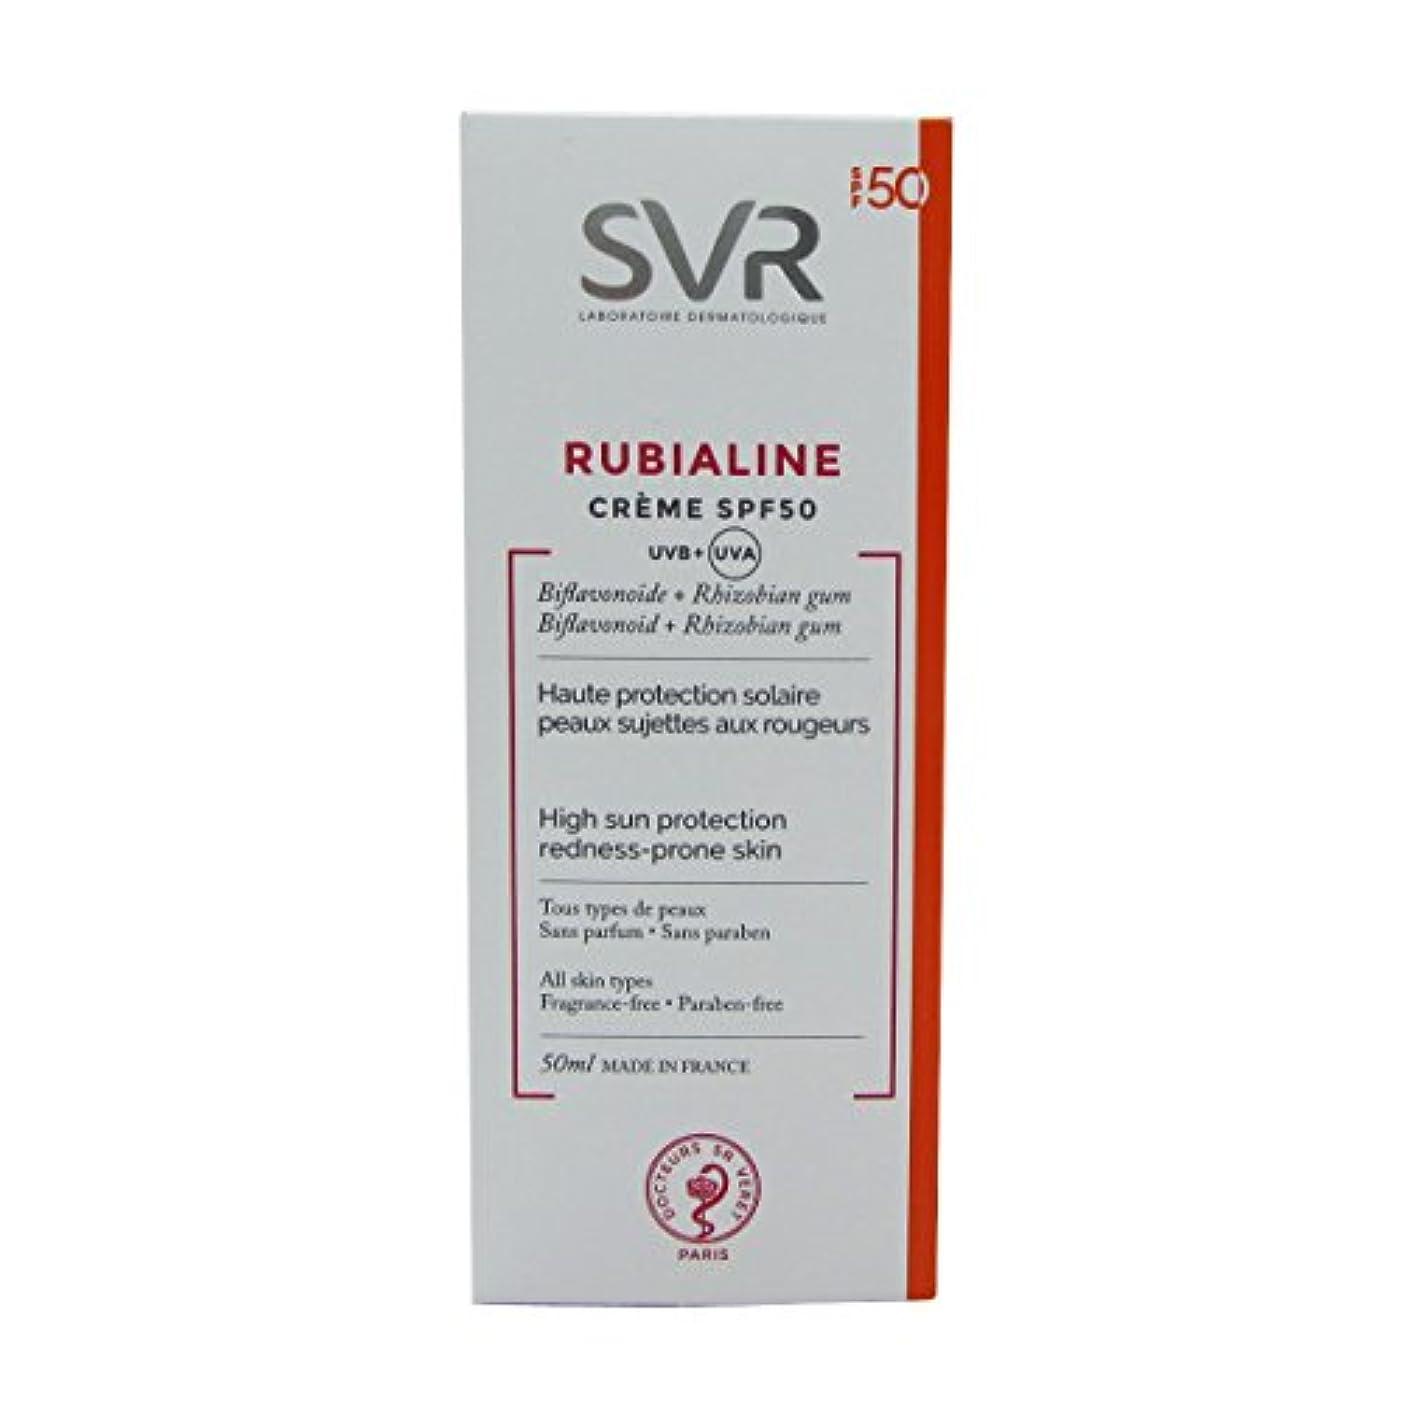 帝国主義ありふれた失望Svr Rubialine Cream Spf50 50ml [並行輸入品]